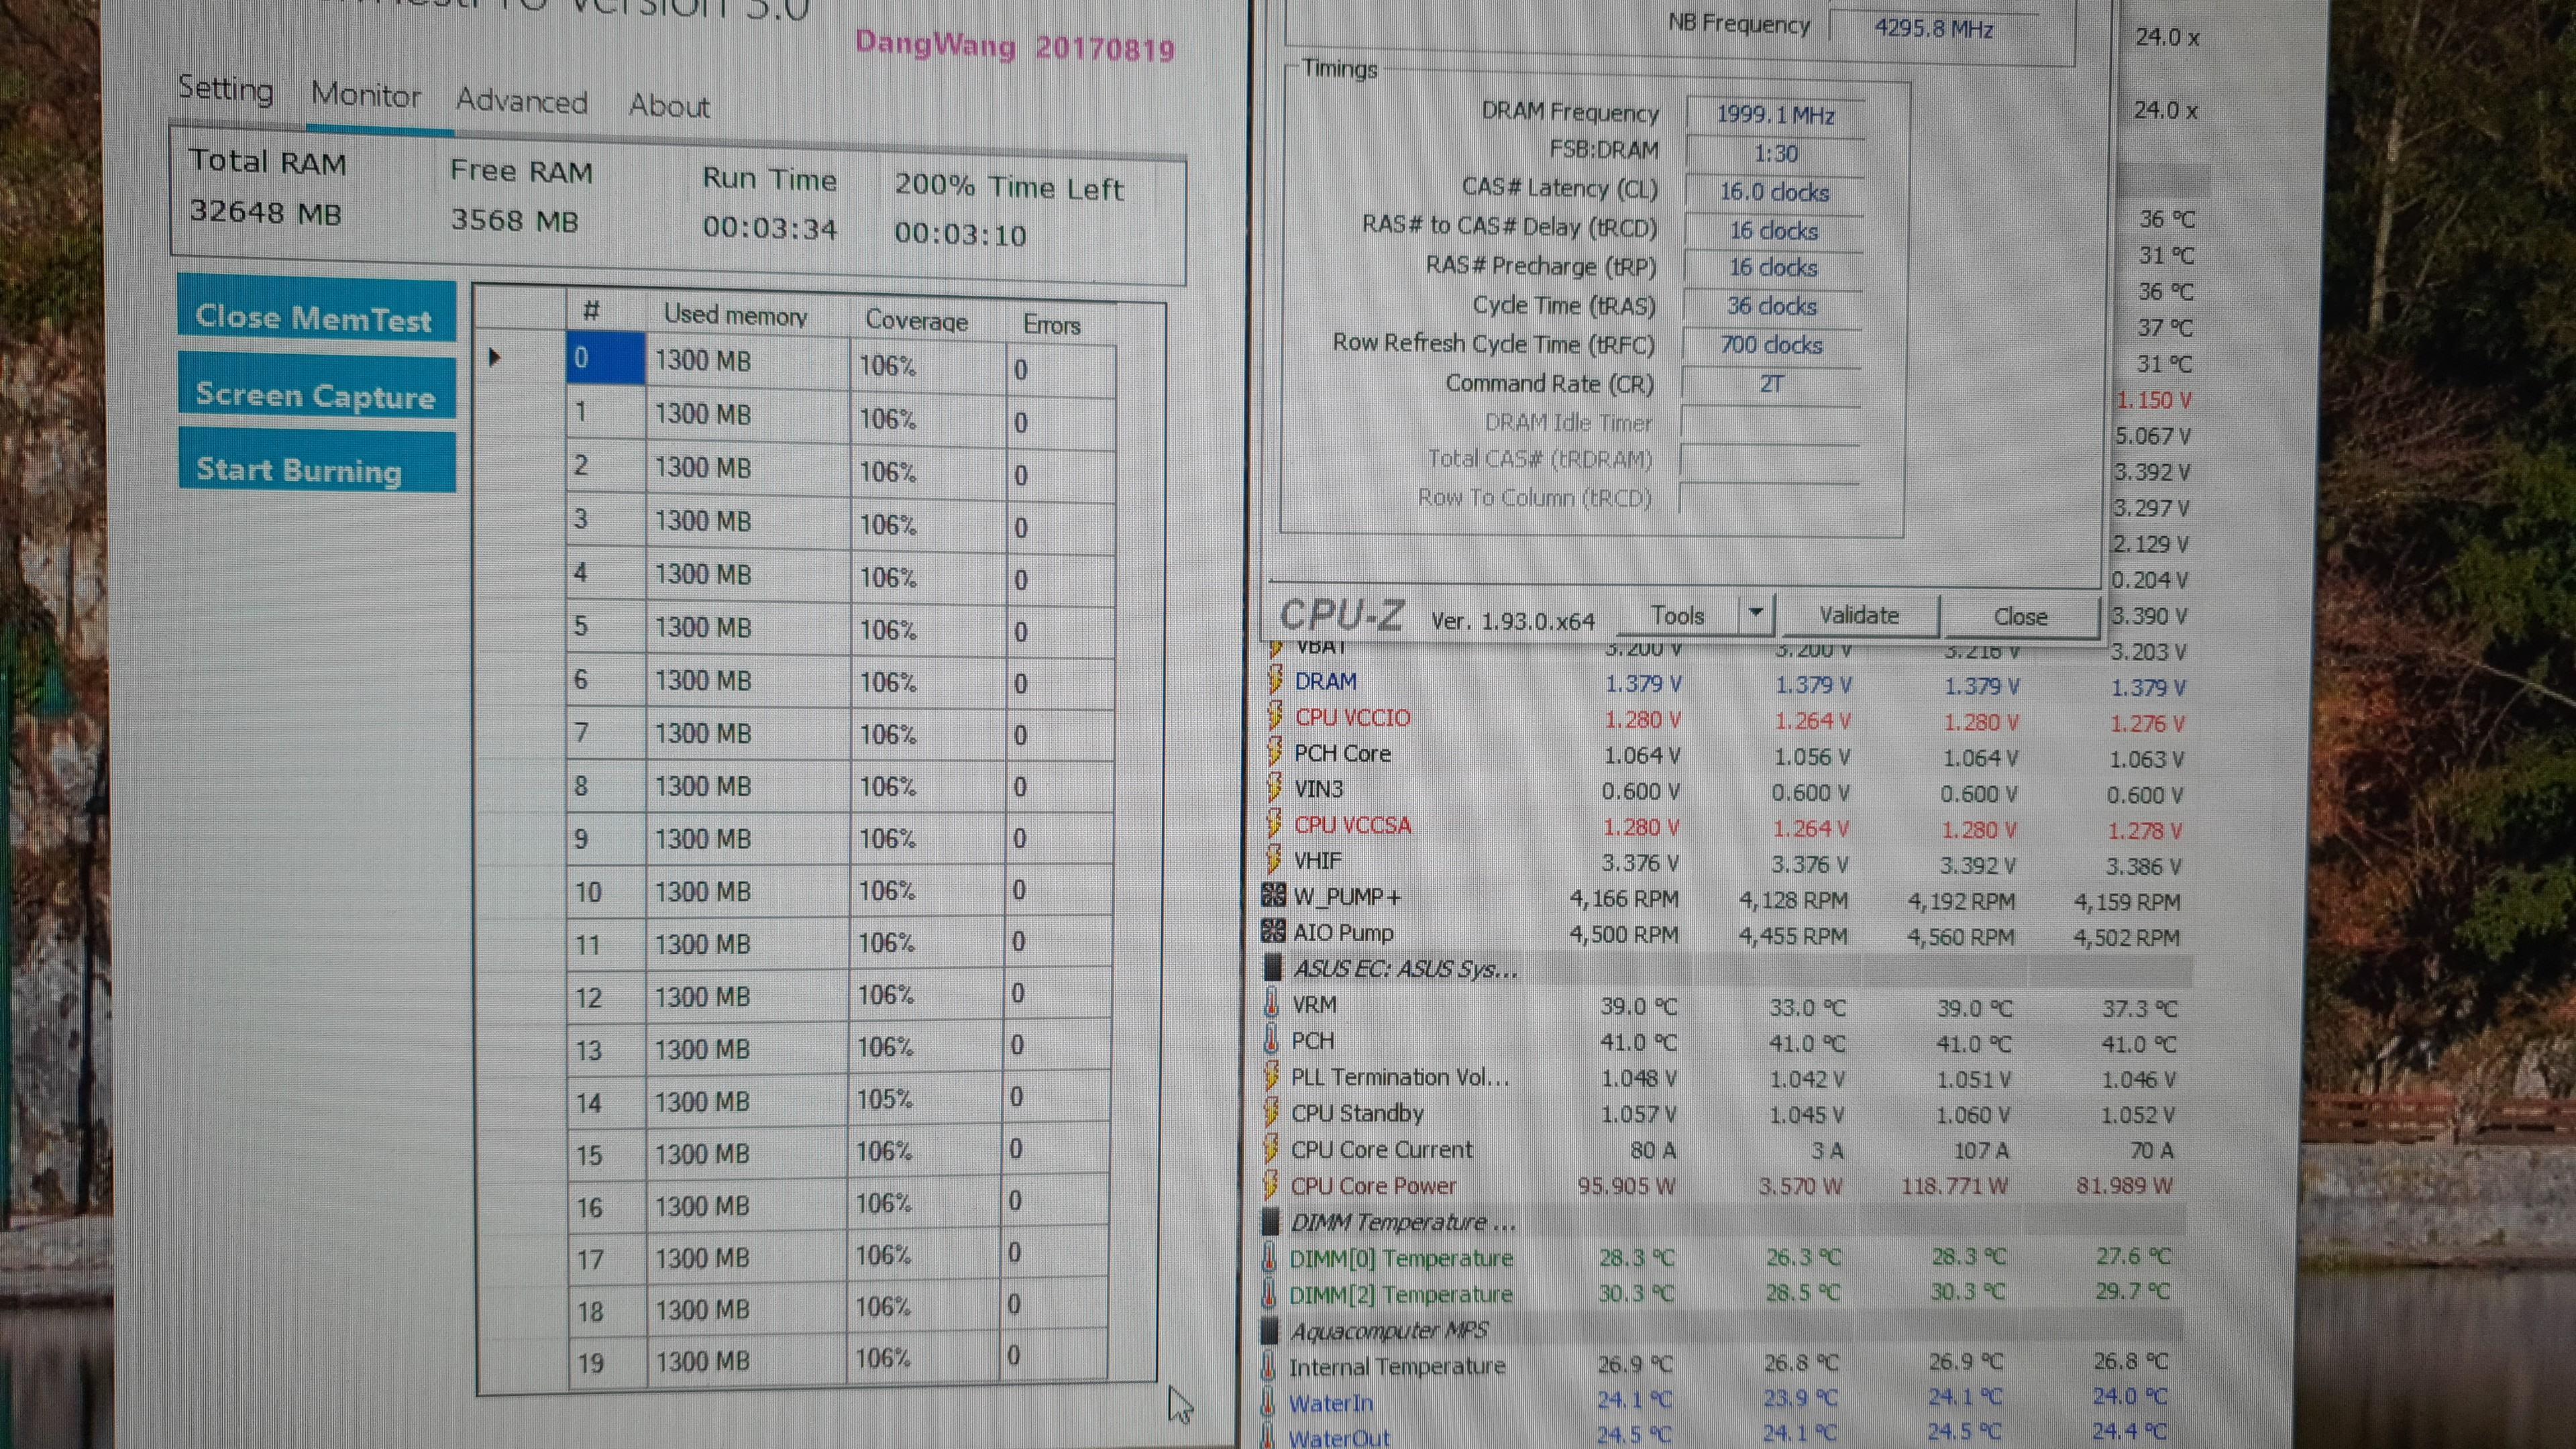 IMG-20210429-WA0020.jpeg